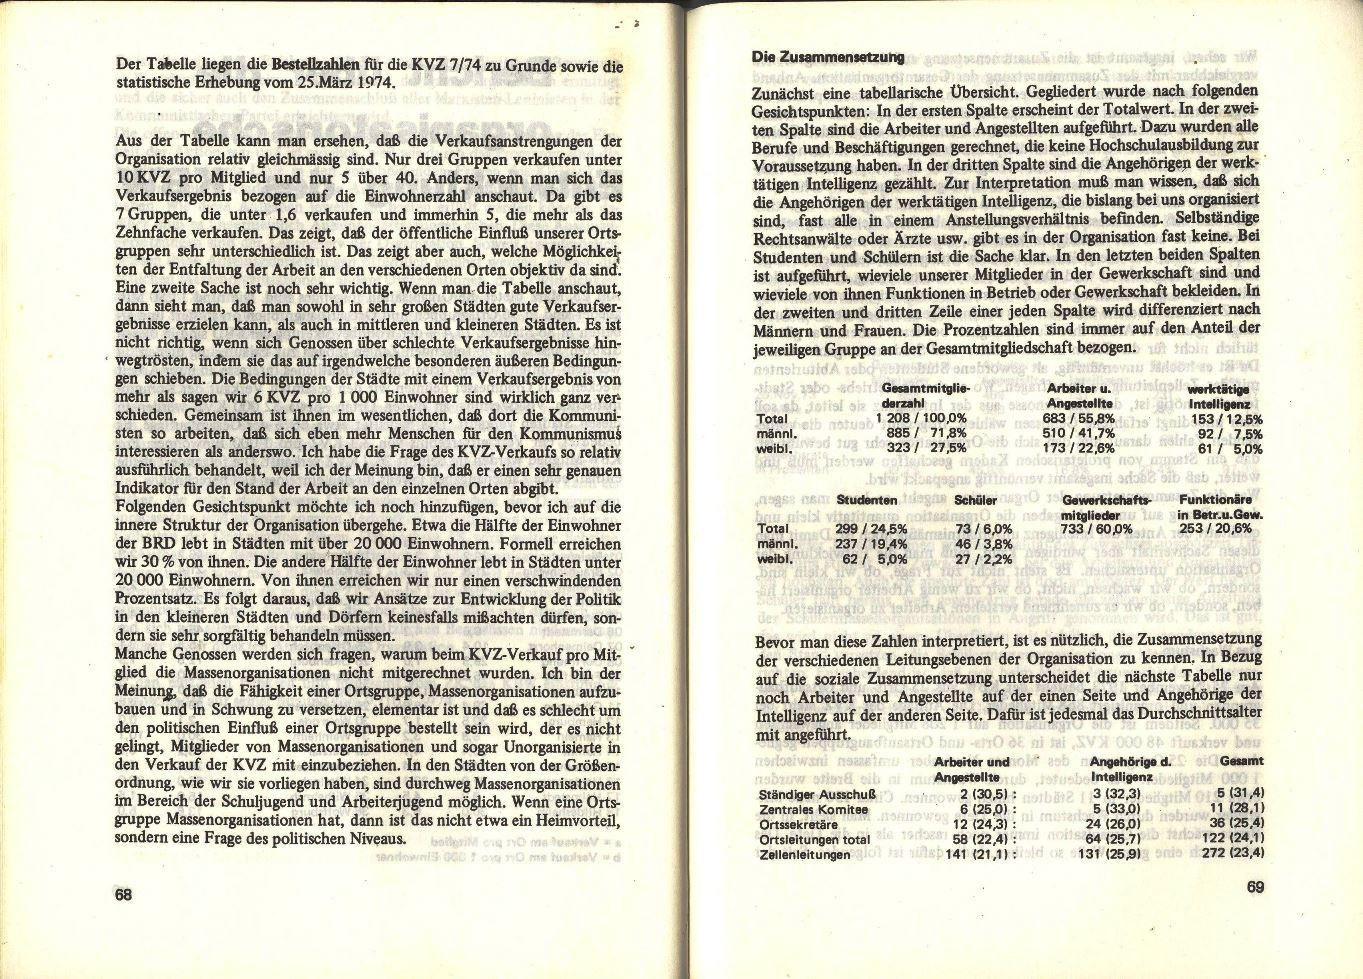 KBW_1974_Politischer_Bericht036